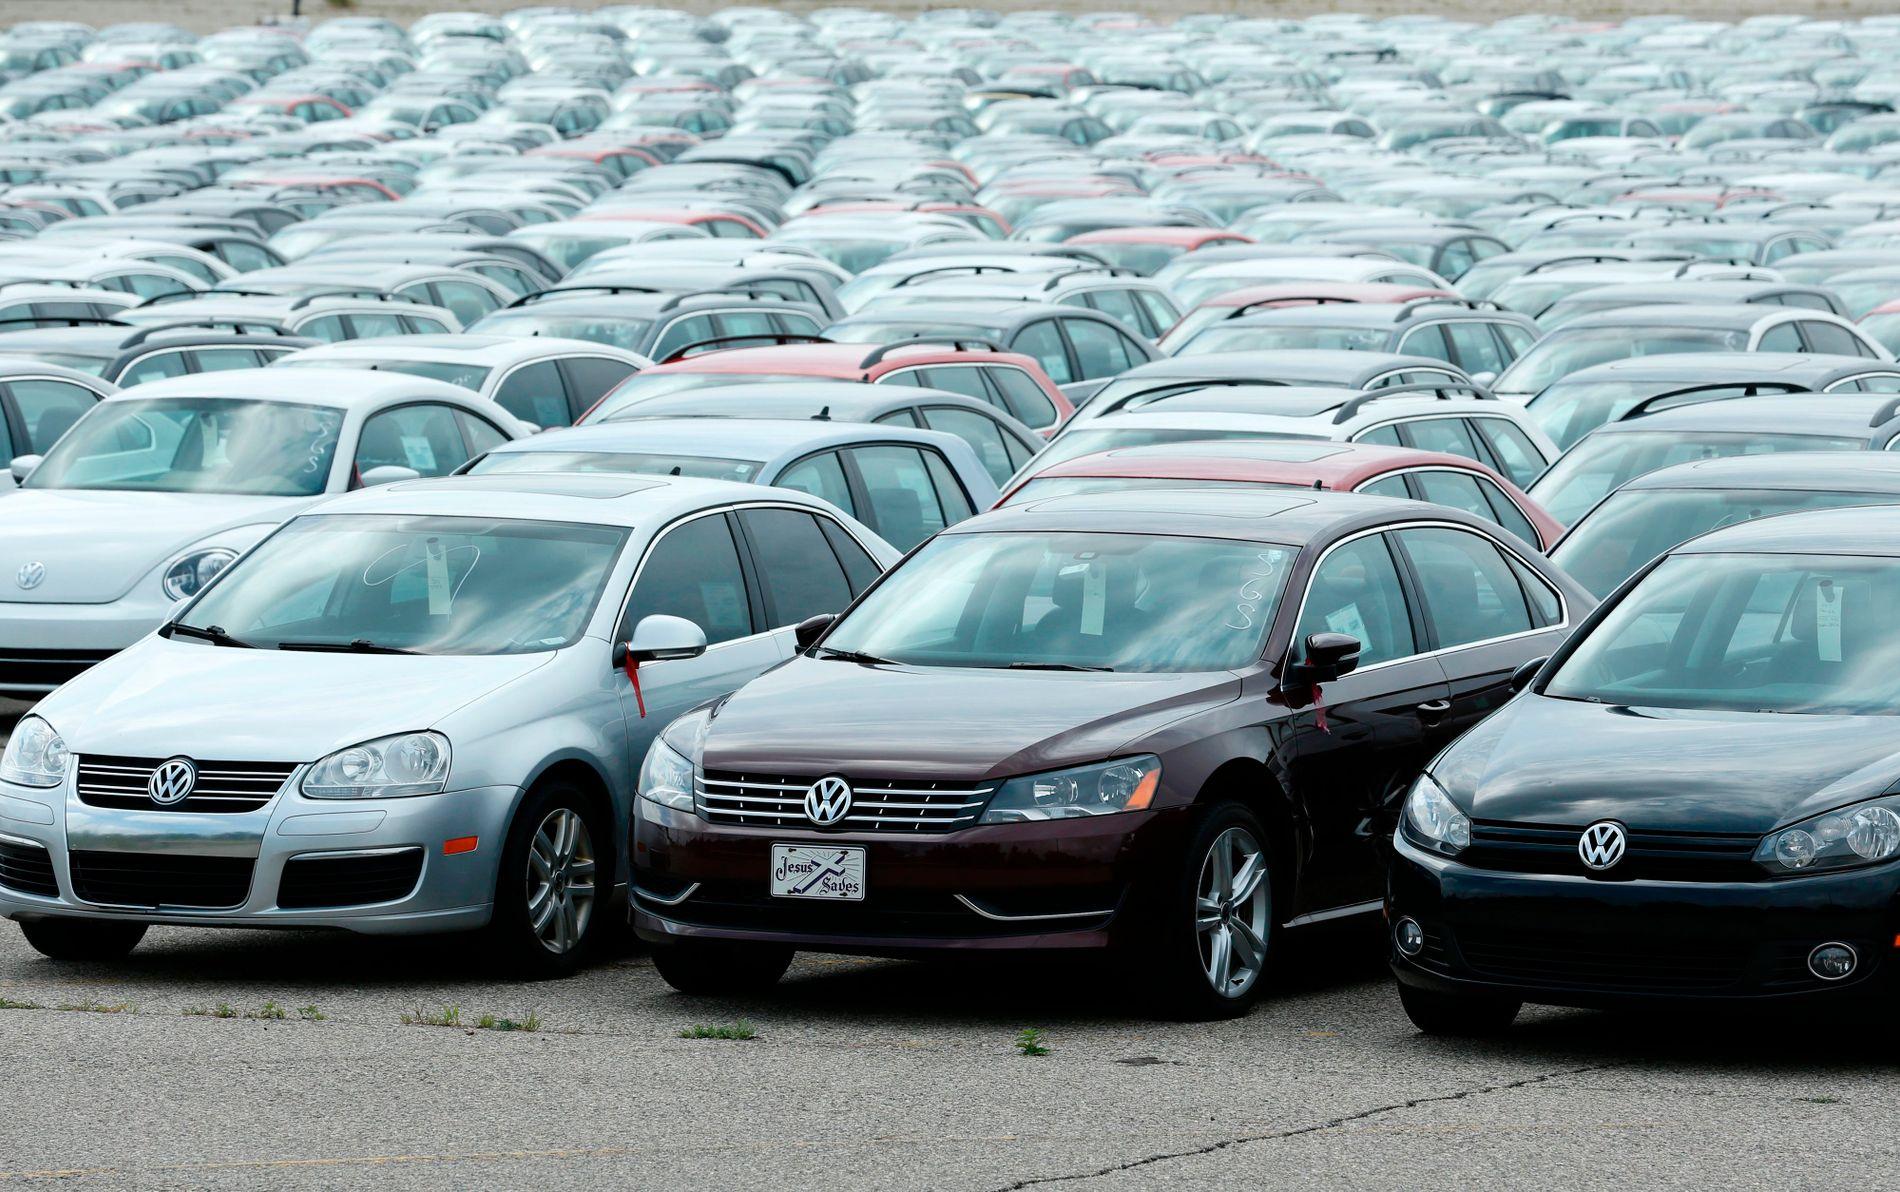 INGENIØR DØMT: Volkswagens utslippsjuks har ført til at en tidligere ingeniør i selskapet er dømt til fengsel.